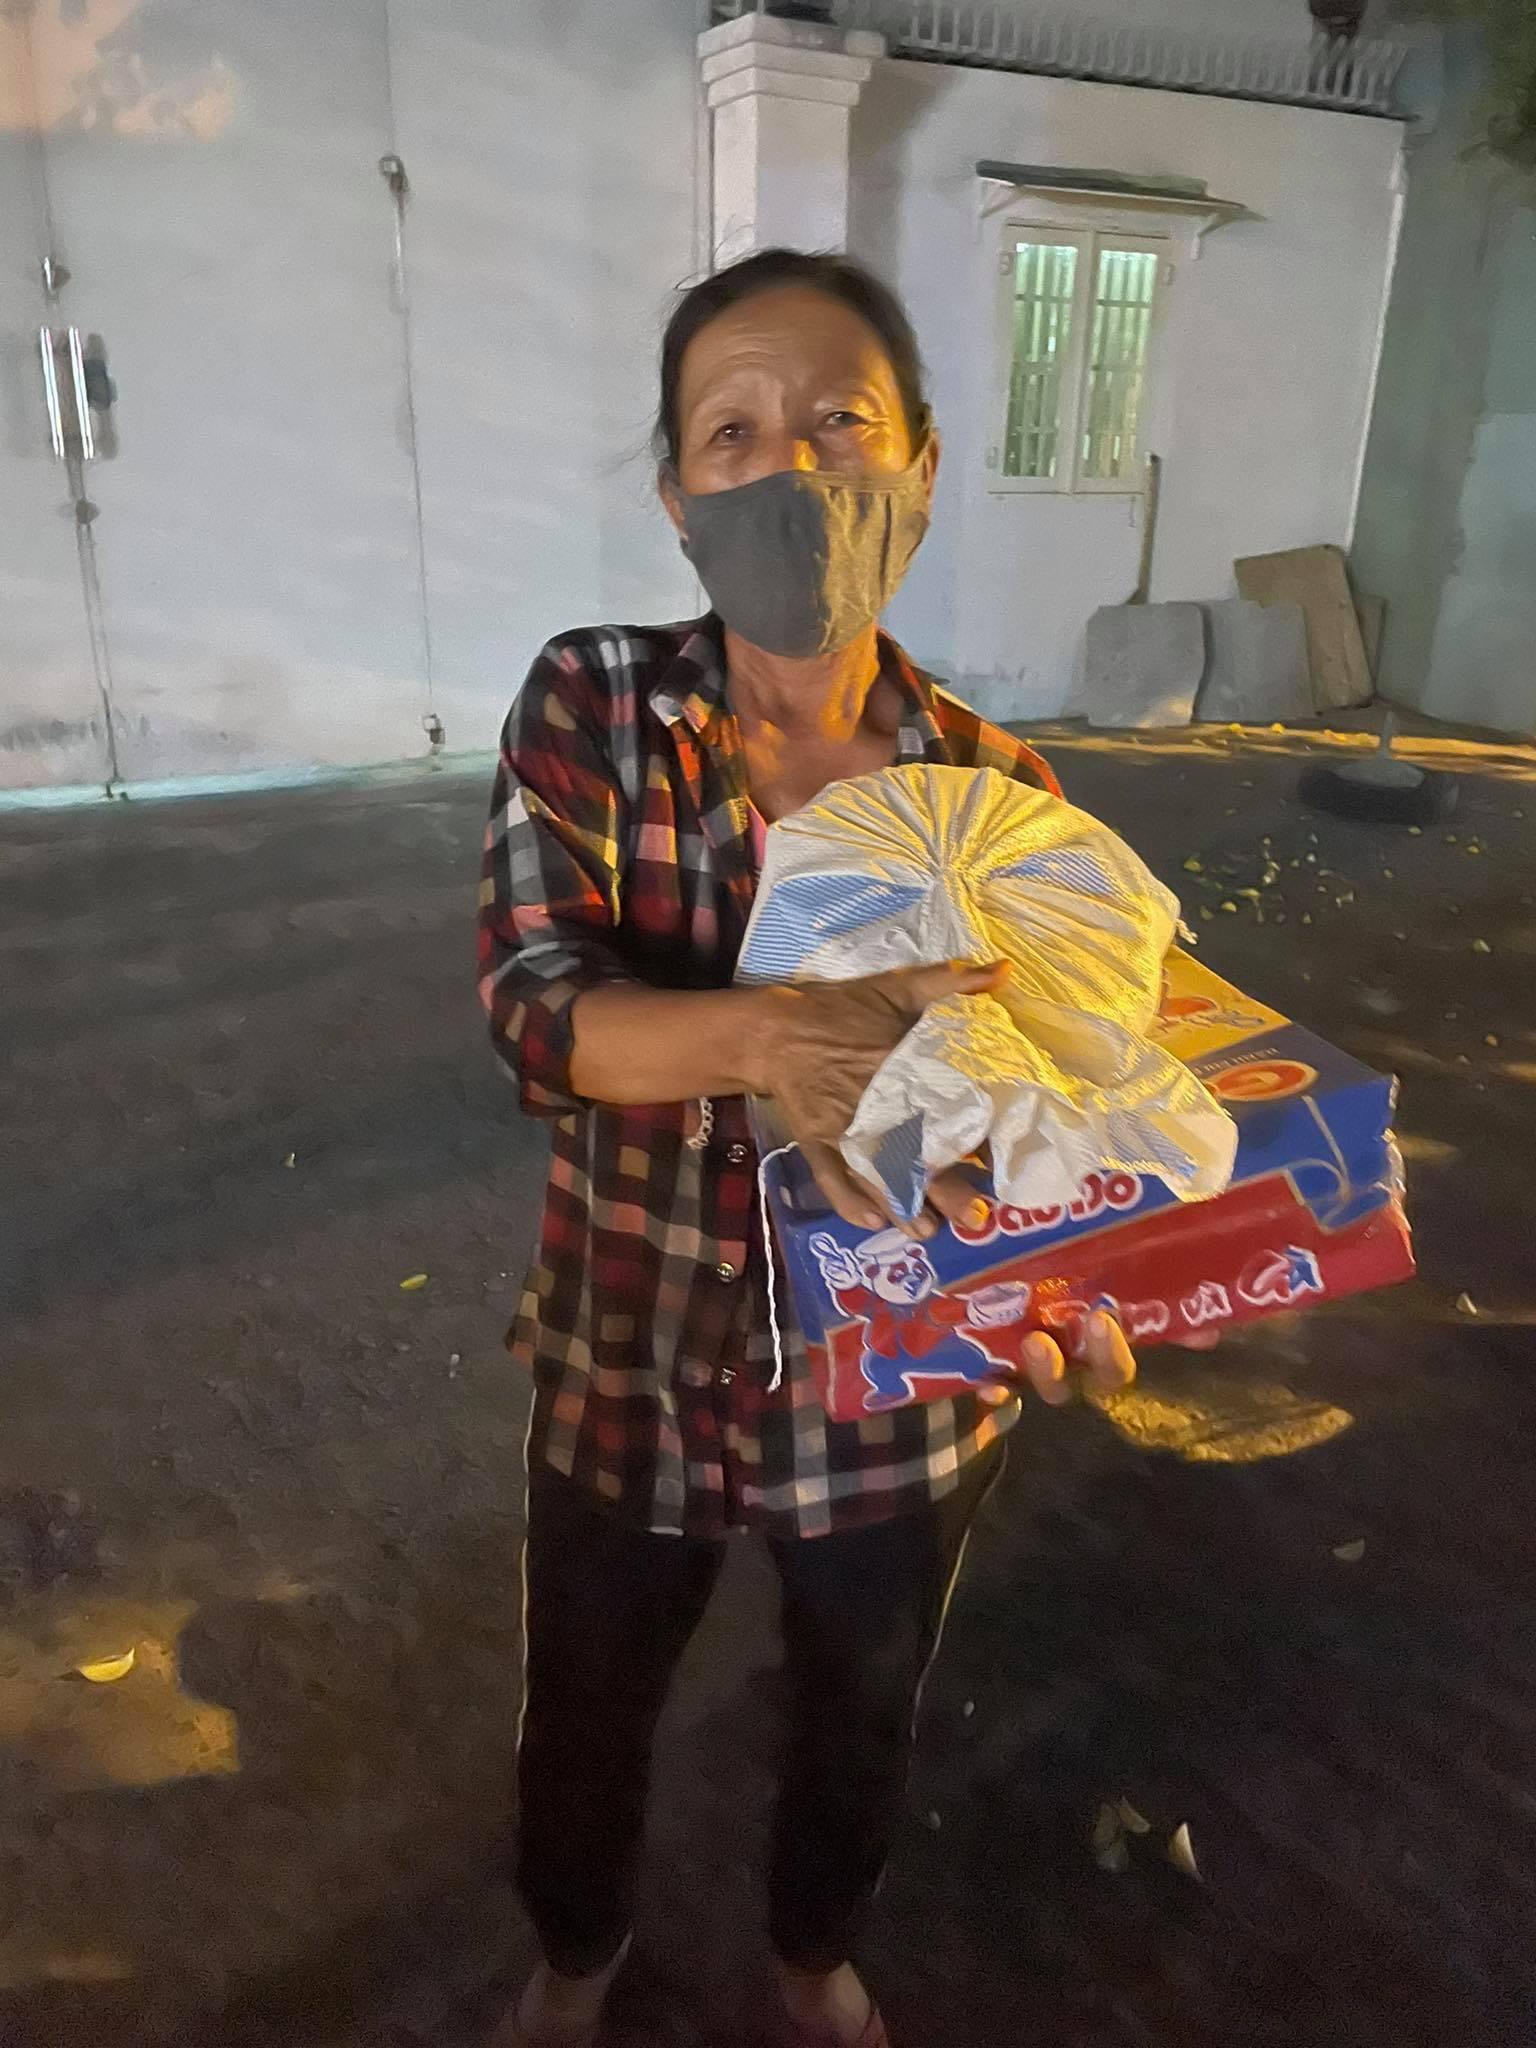 Báo Nông thôn Ngày nay/Dân Việt trao quà của bạn đọc đến người dân bị ảnh hưởng dịch Covid-19 ở TP.HCM - Ảnh 12.